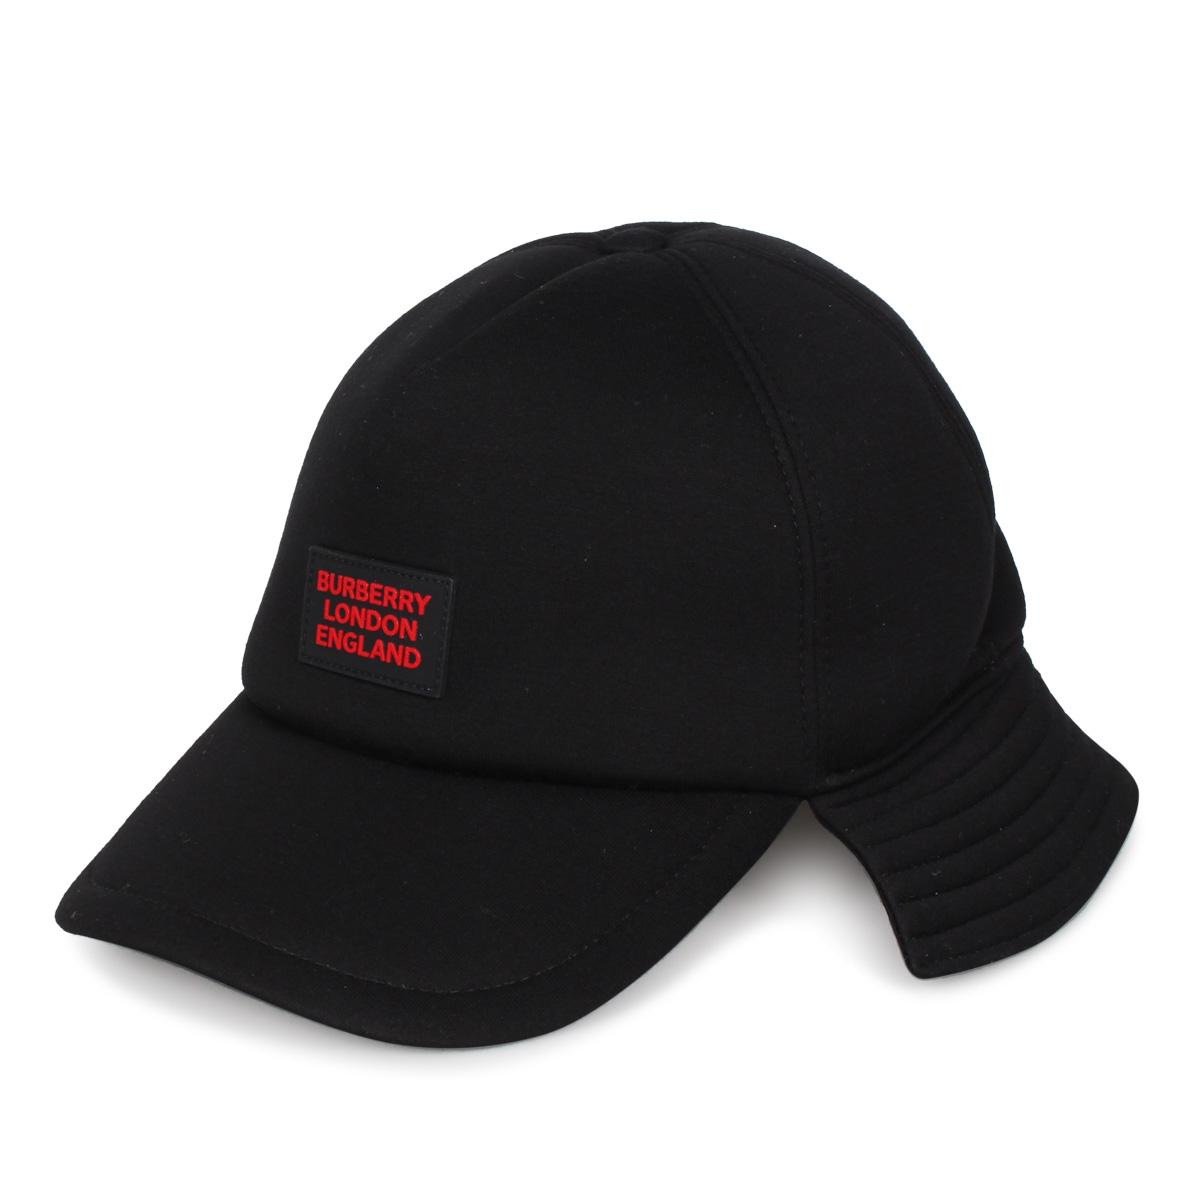 BURBERRY BUCKET HAT バーバリー ハット キャップ 帽子 バケットハット メンズ レディース ブラック 黒 8025190